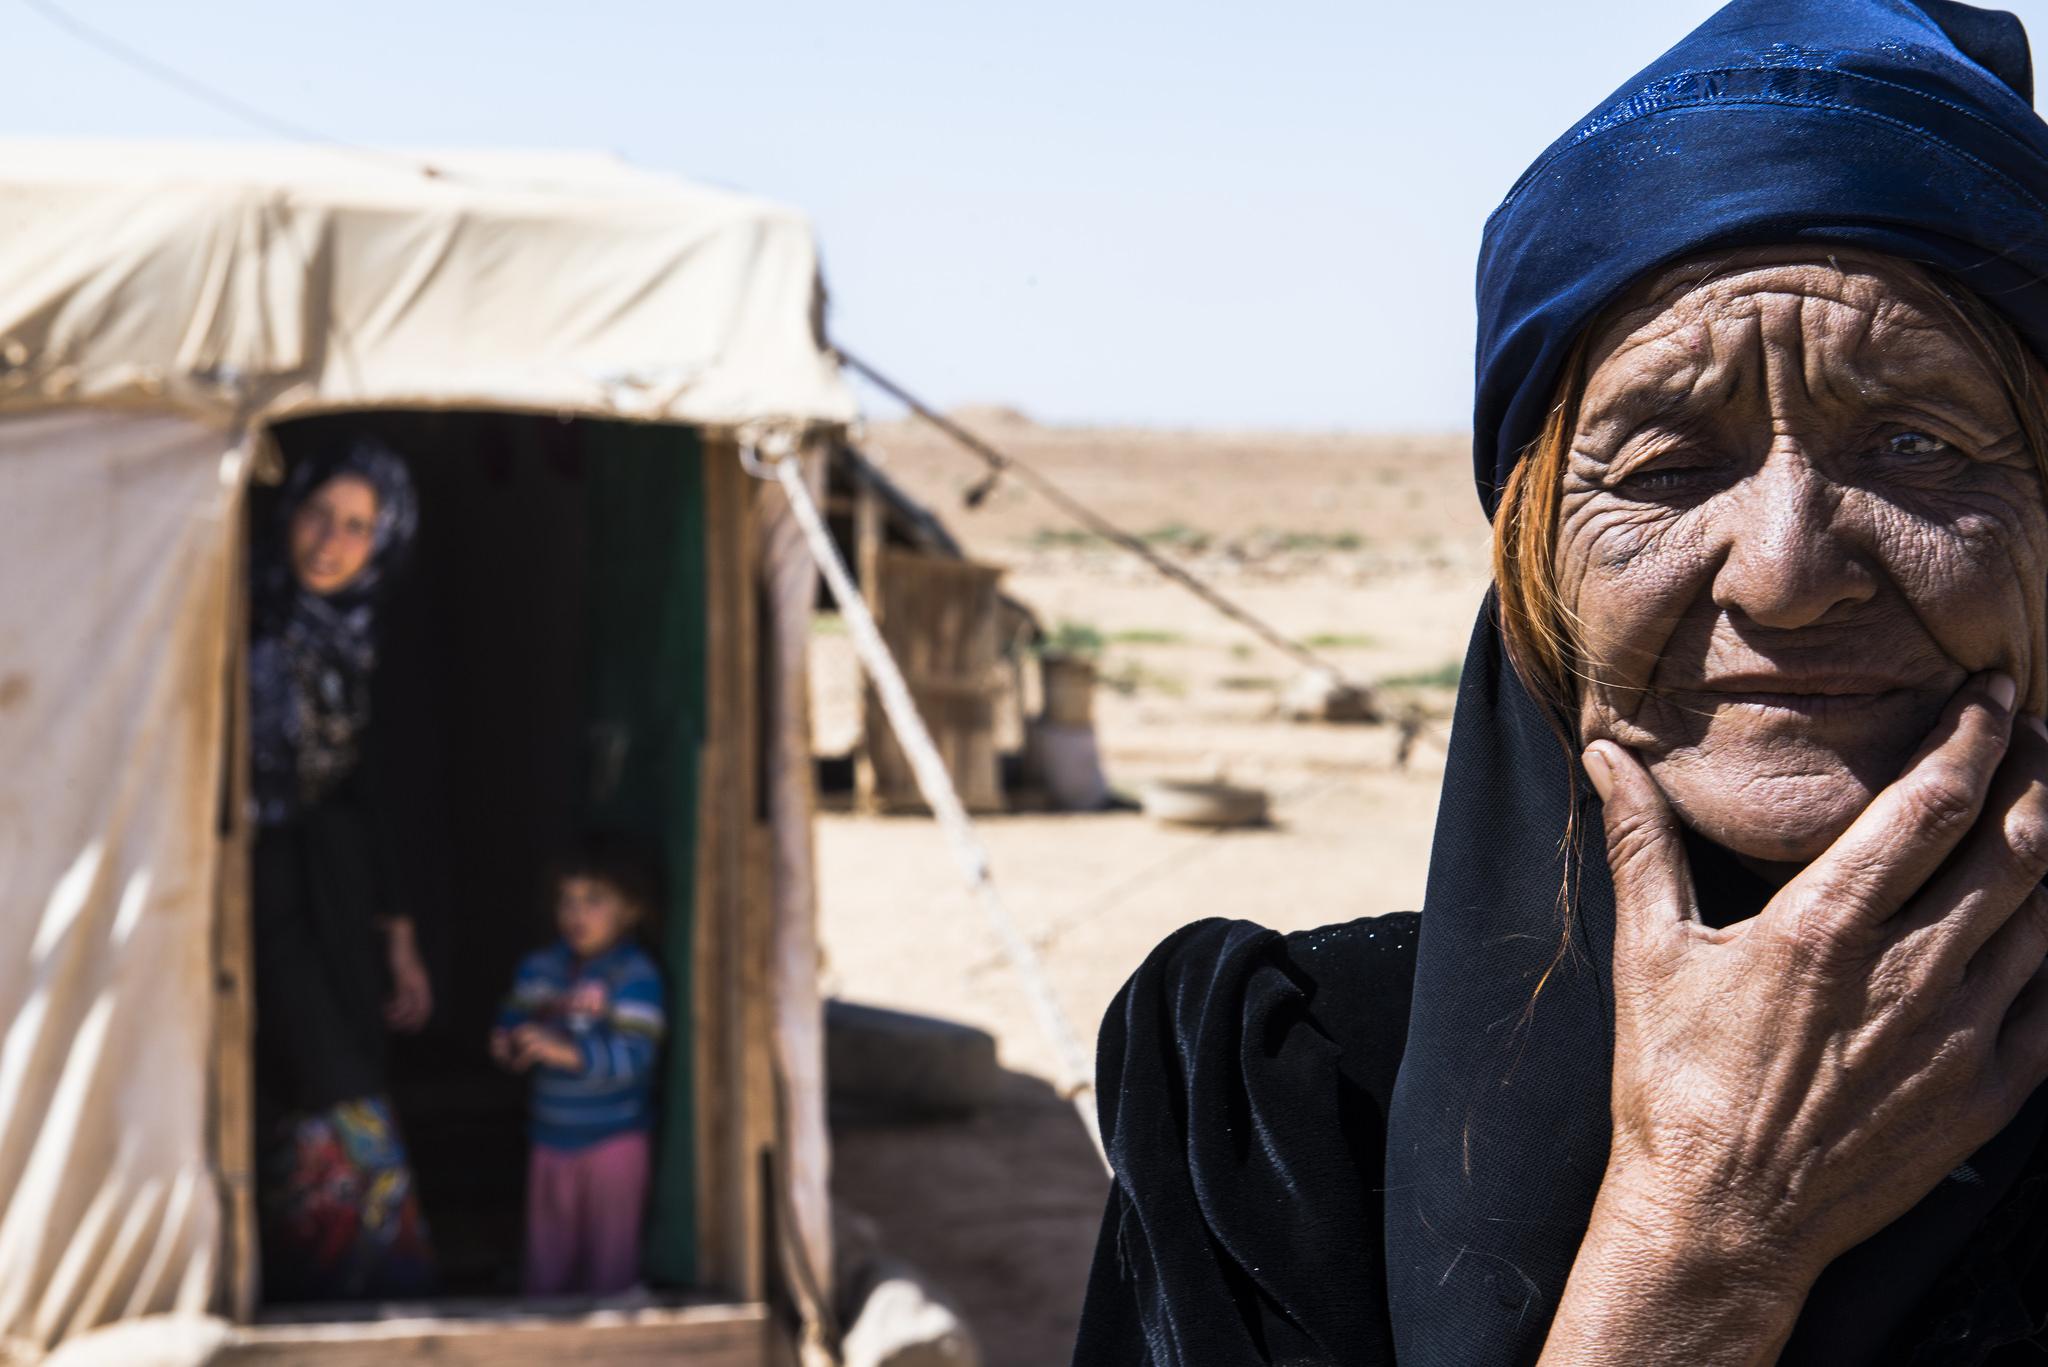 In der Flüchtlingskrise hat Entwicklungsminister Gerd Müller gemahnt, Fluchtursachen auch durch fairen Handel zu bekämpfen.